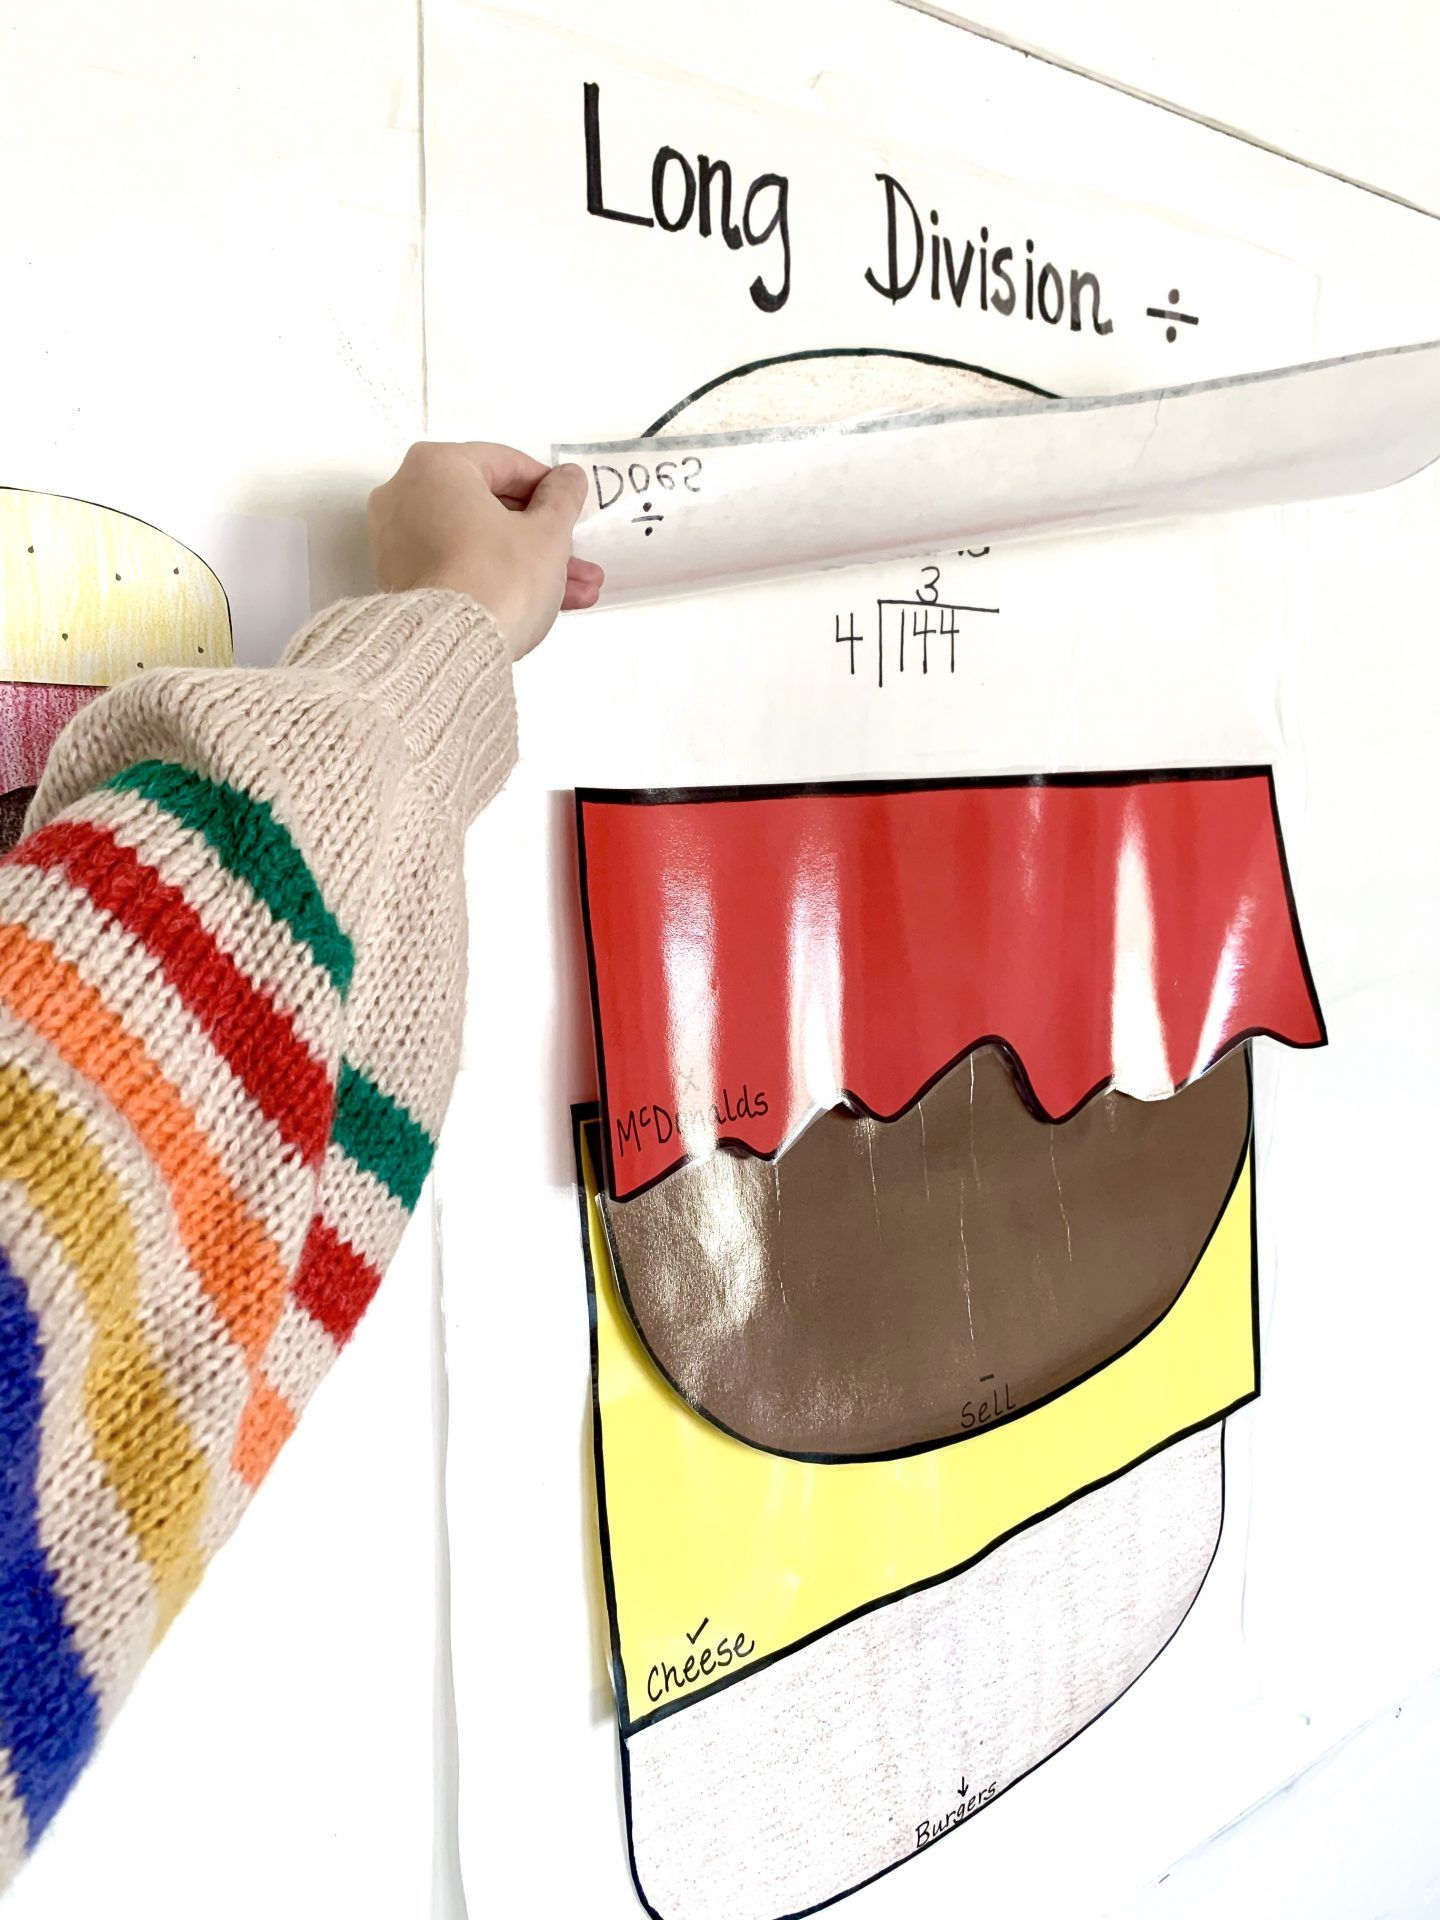 Teacher Tuesday Cheeseburger Long Division